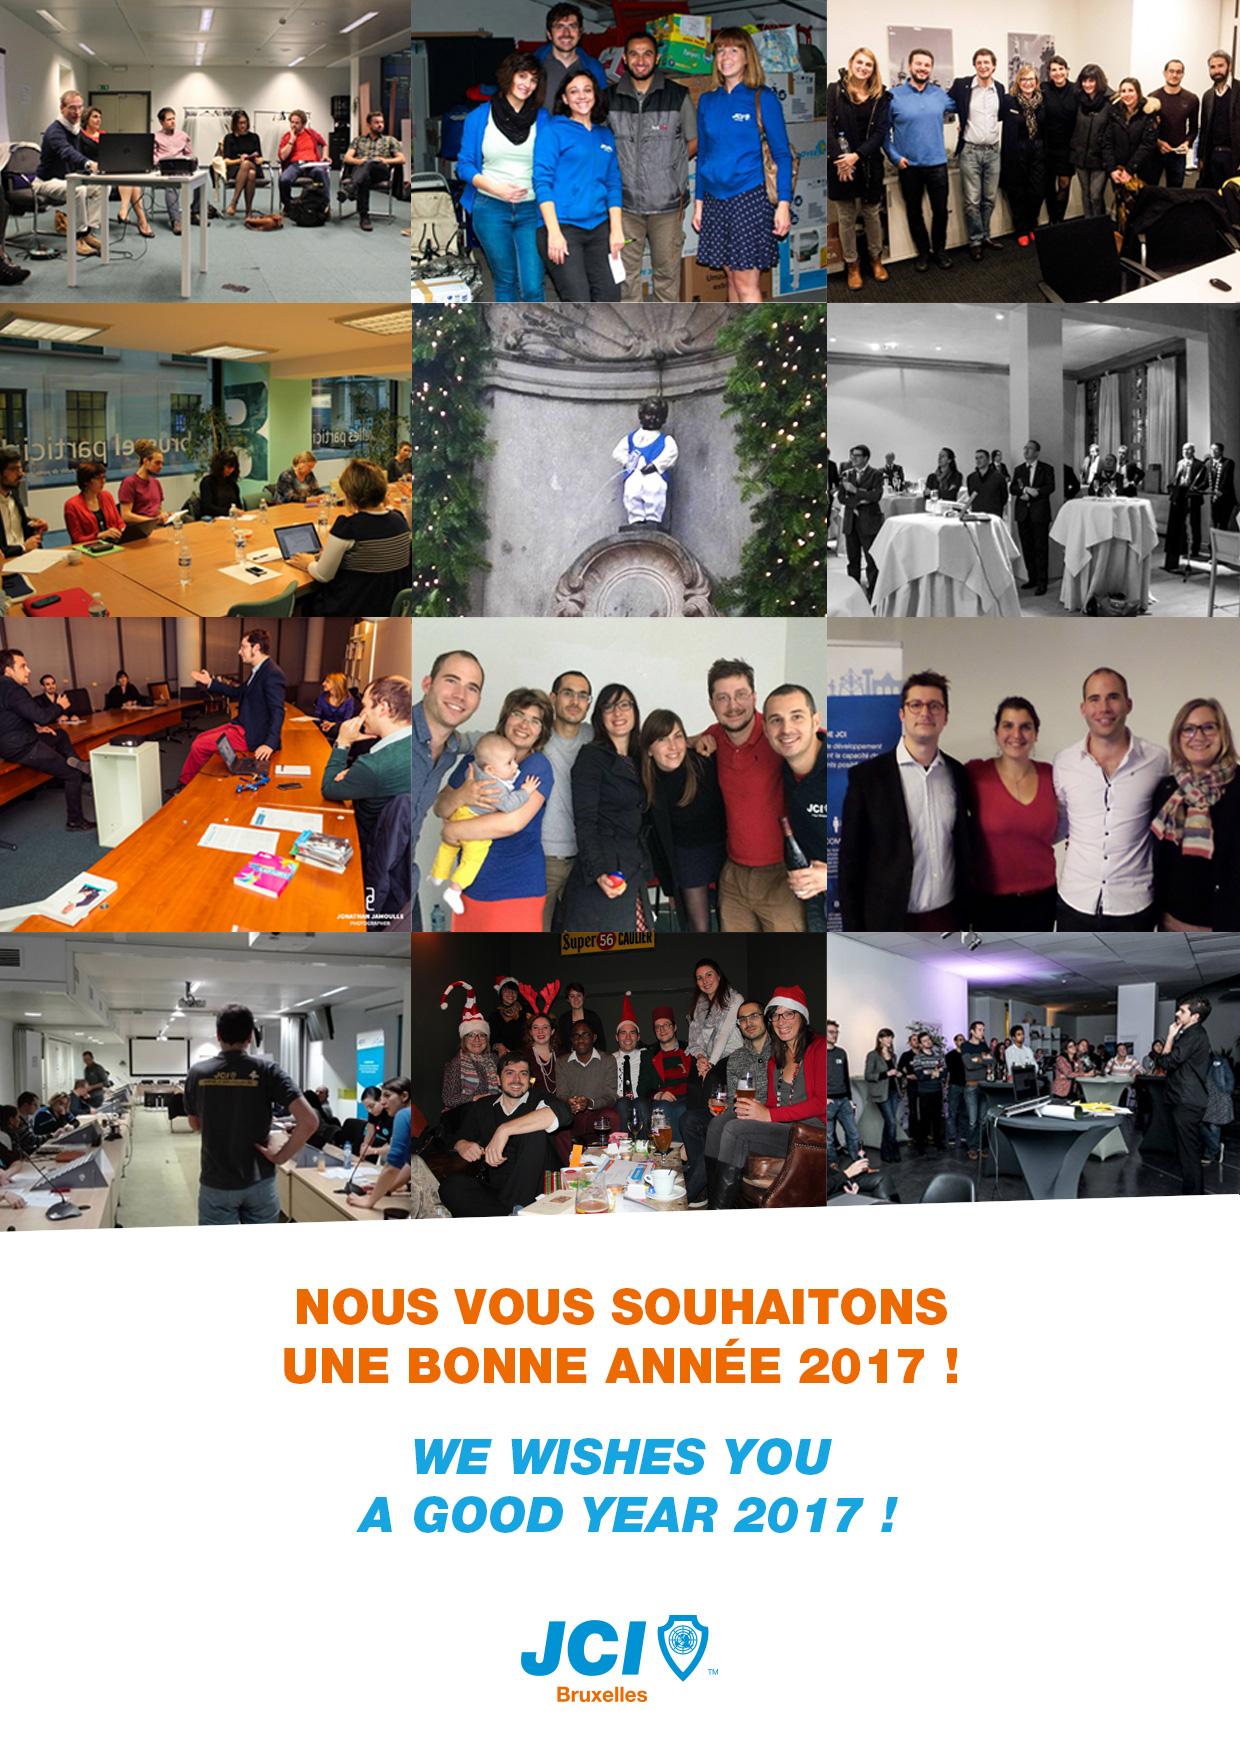 JCI Bruxelles - Voeux 2017